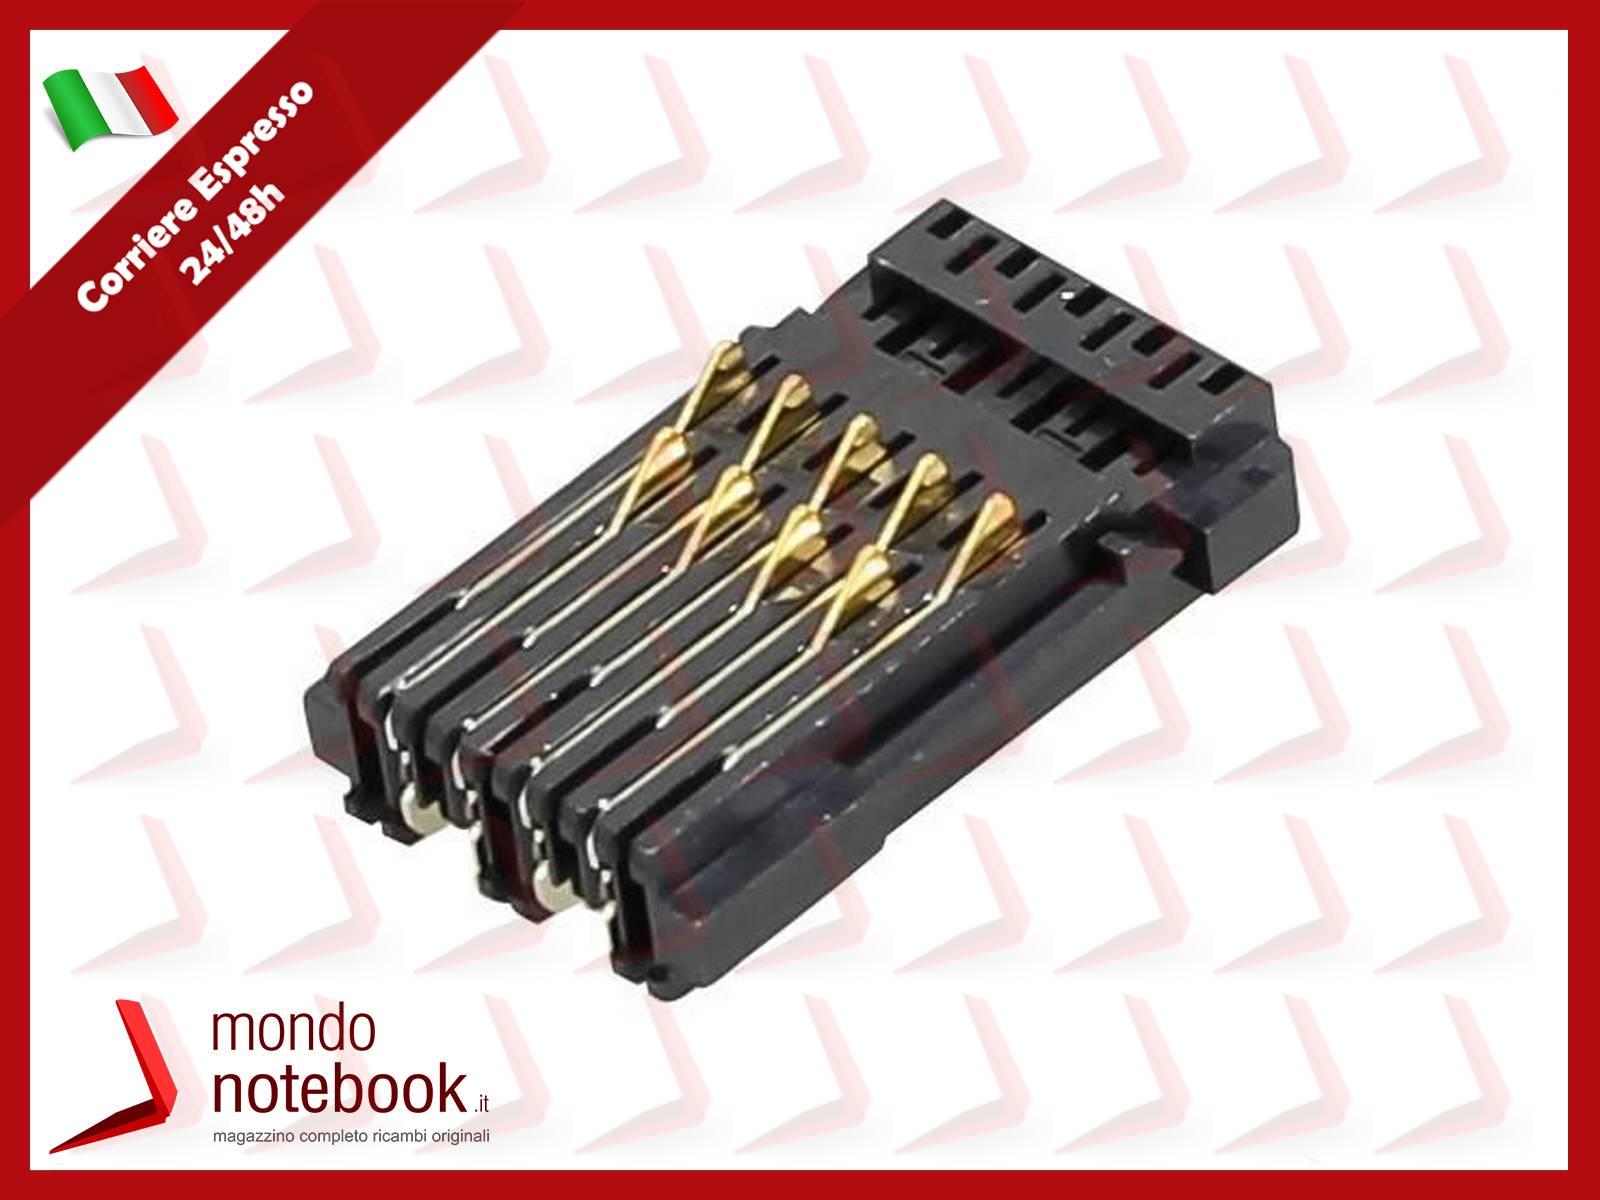 tastiera-notebook-dell-precision-m3800-nera-layout-us-americano